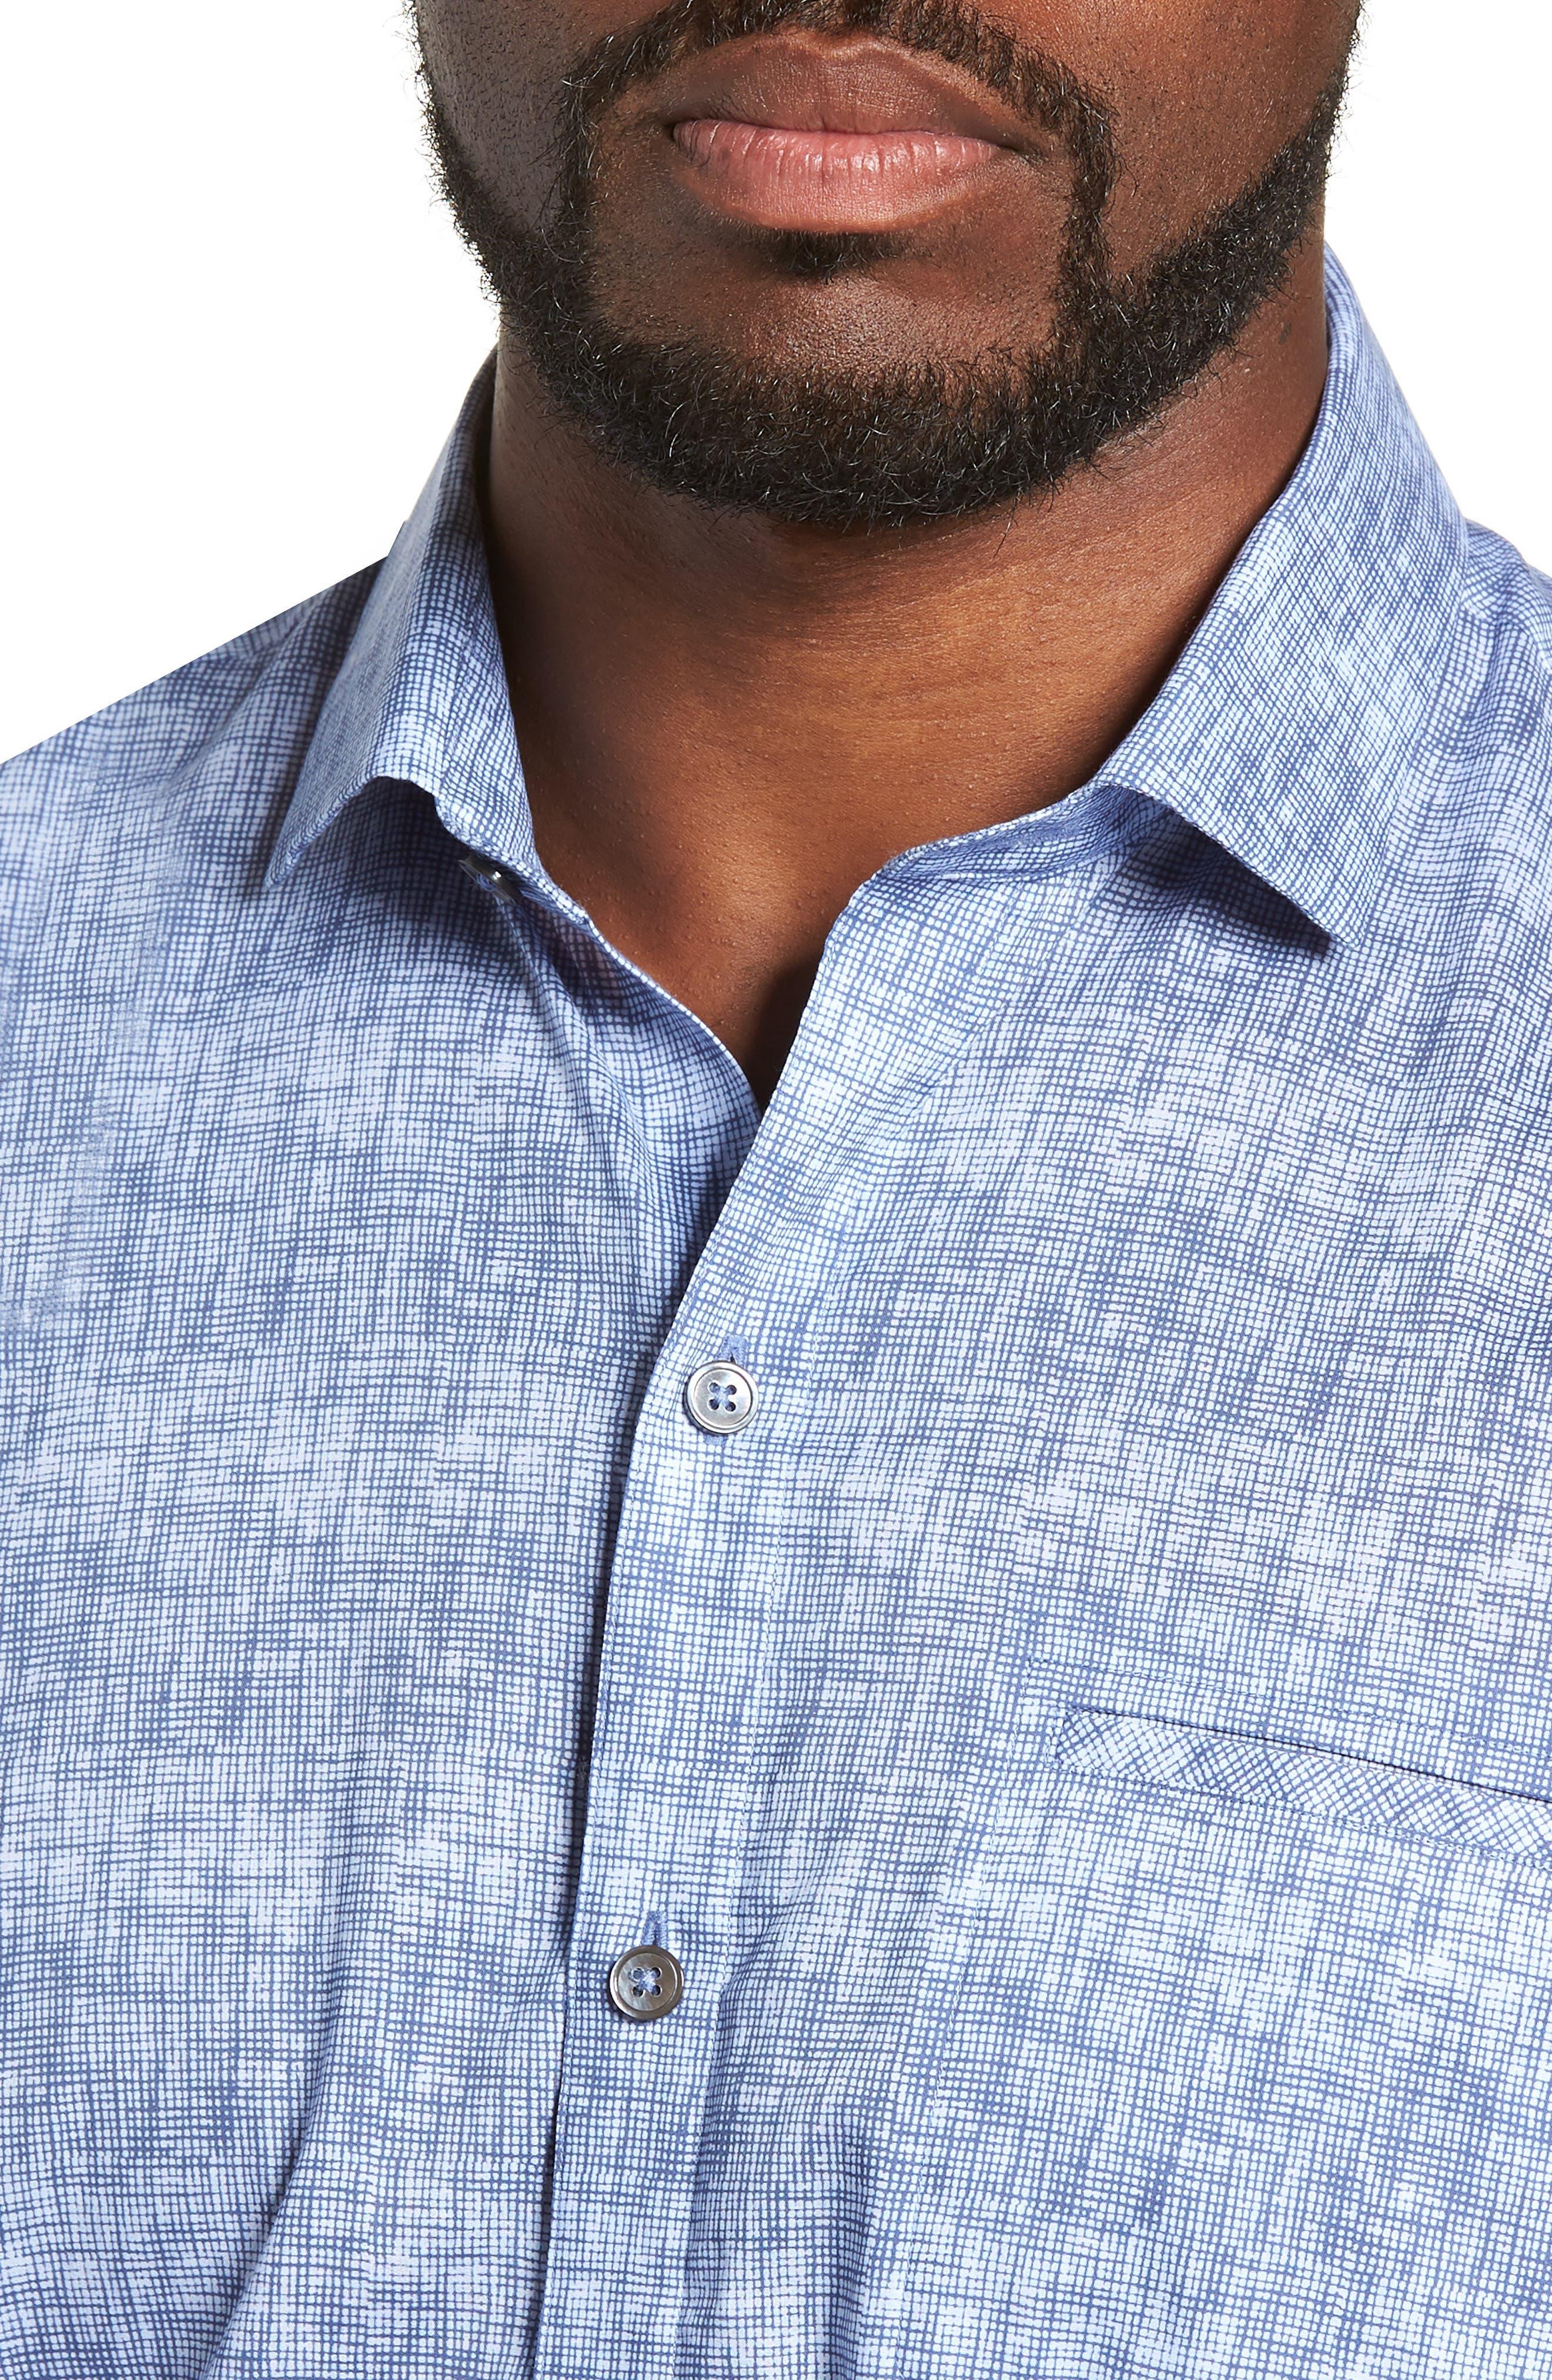 Oppong Sport Shirt,                             Alternate thumbnail 2, color,                             BLUE